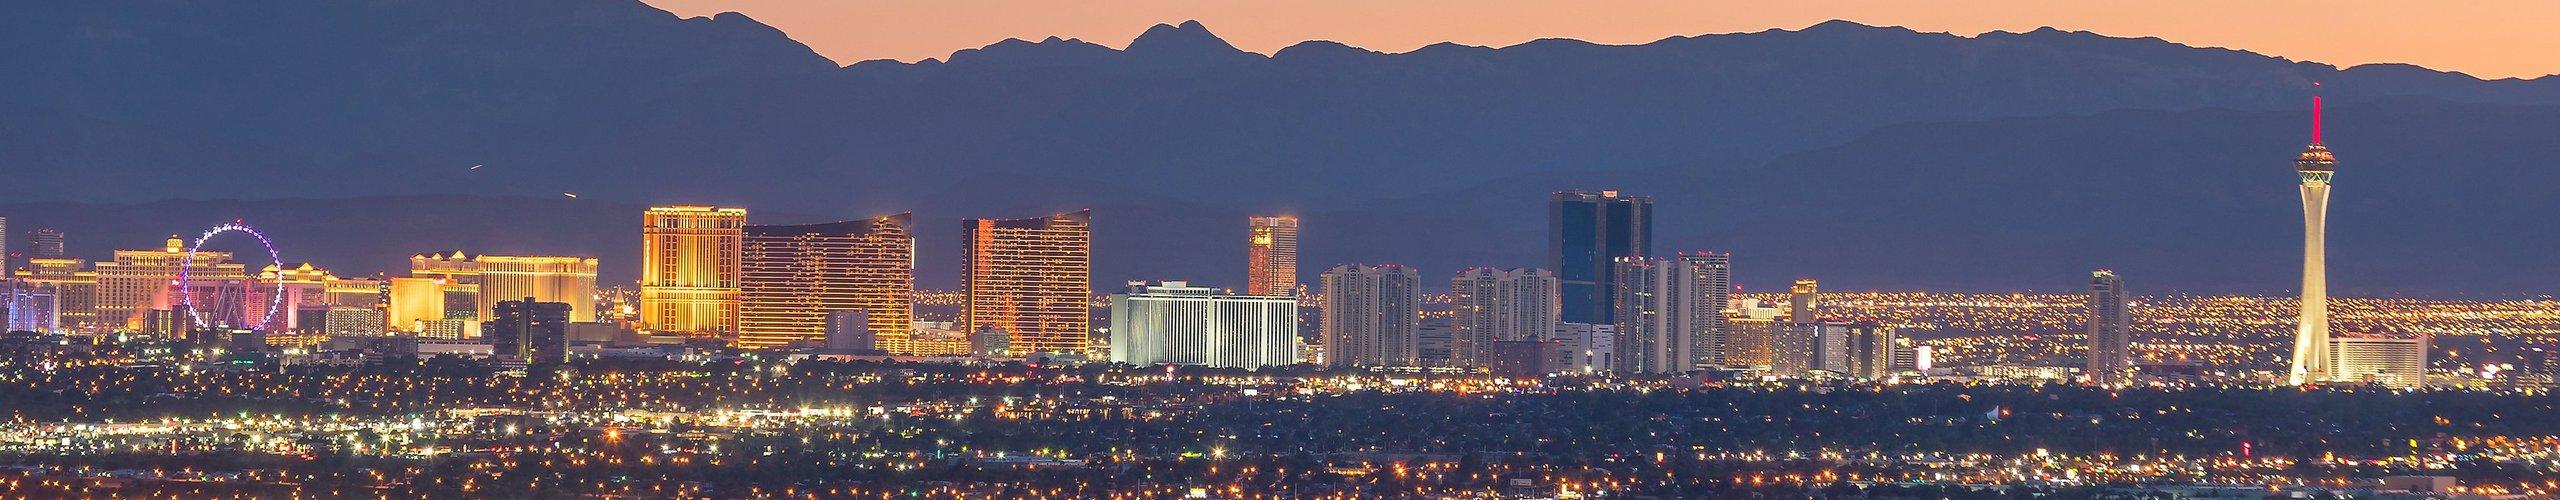 Incontri Servizi Las Vegas più popolare sito di incontri Hong Kong